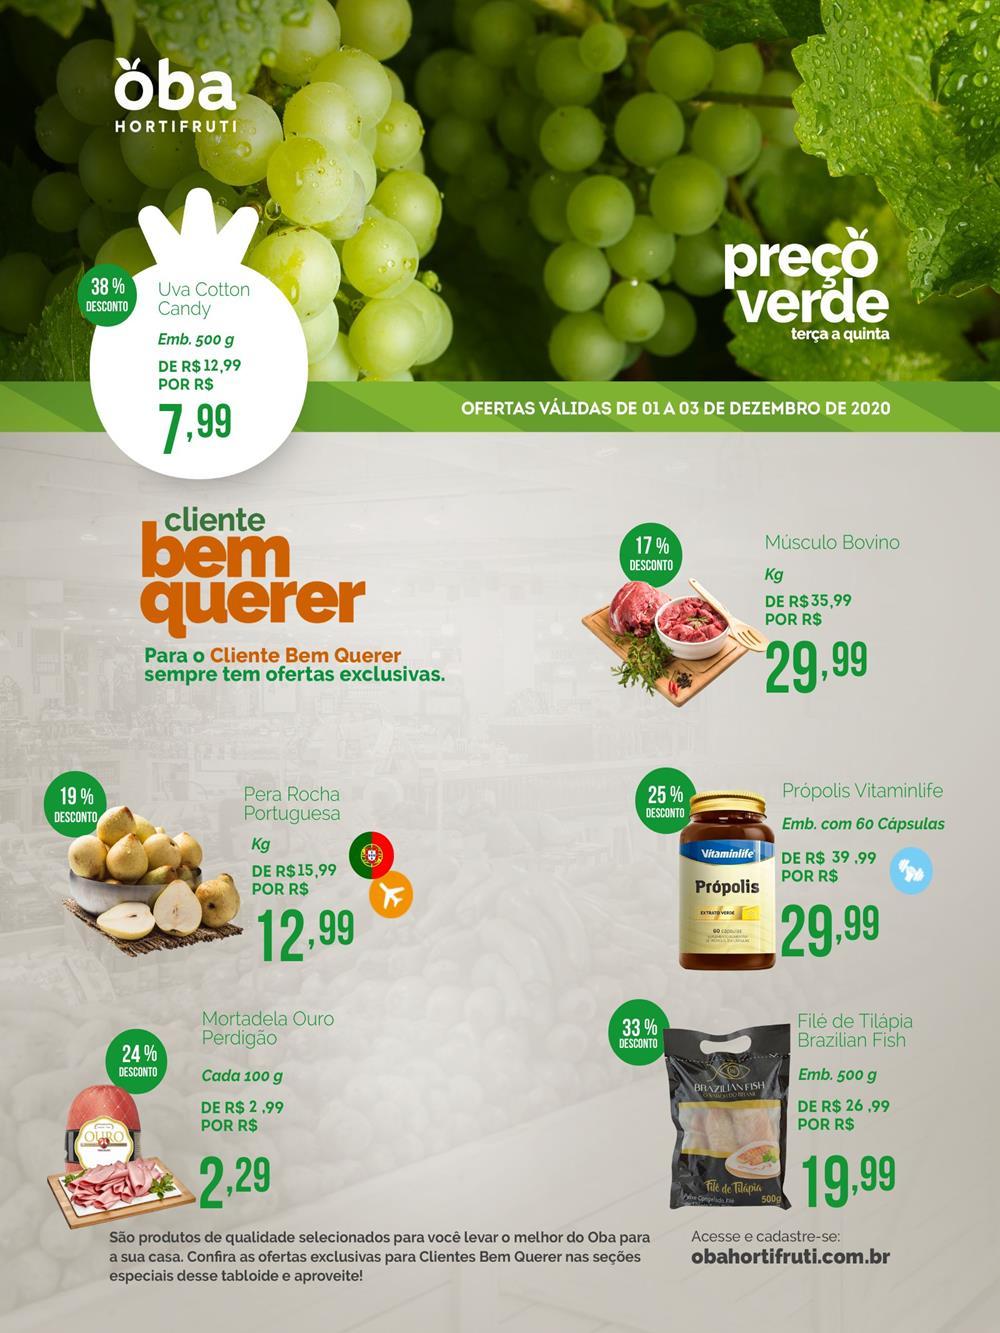 oba-ofertas-descontos-hoje1-24 Black Friday Ofertas de supermercados